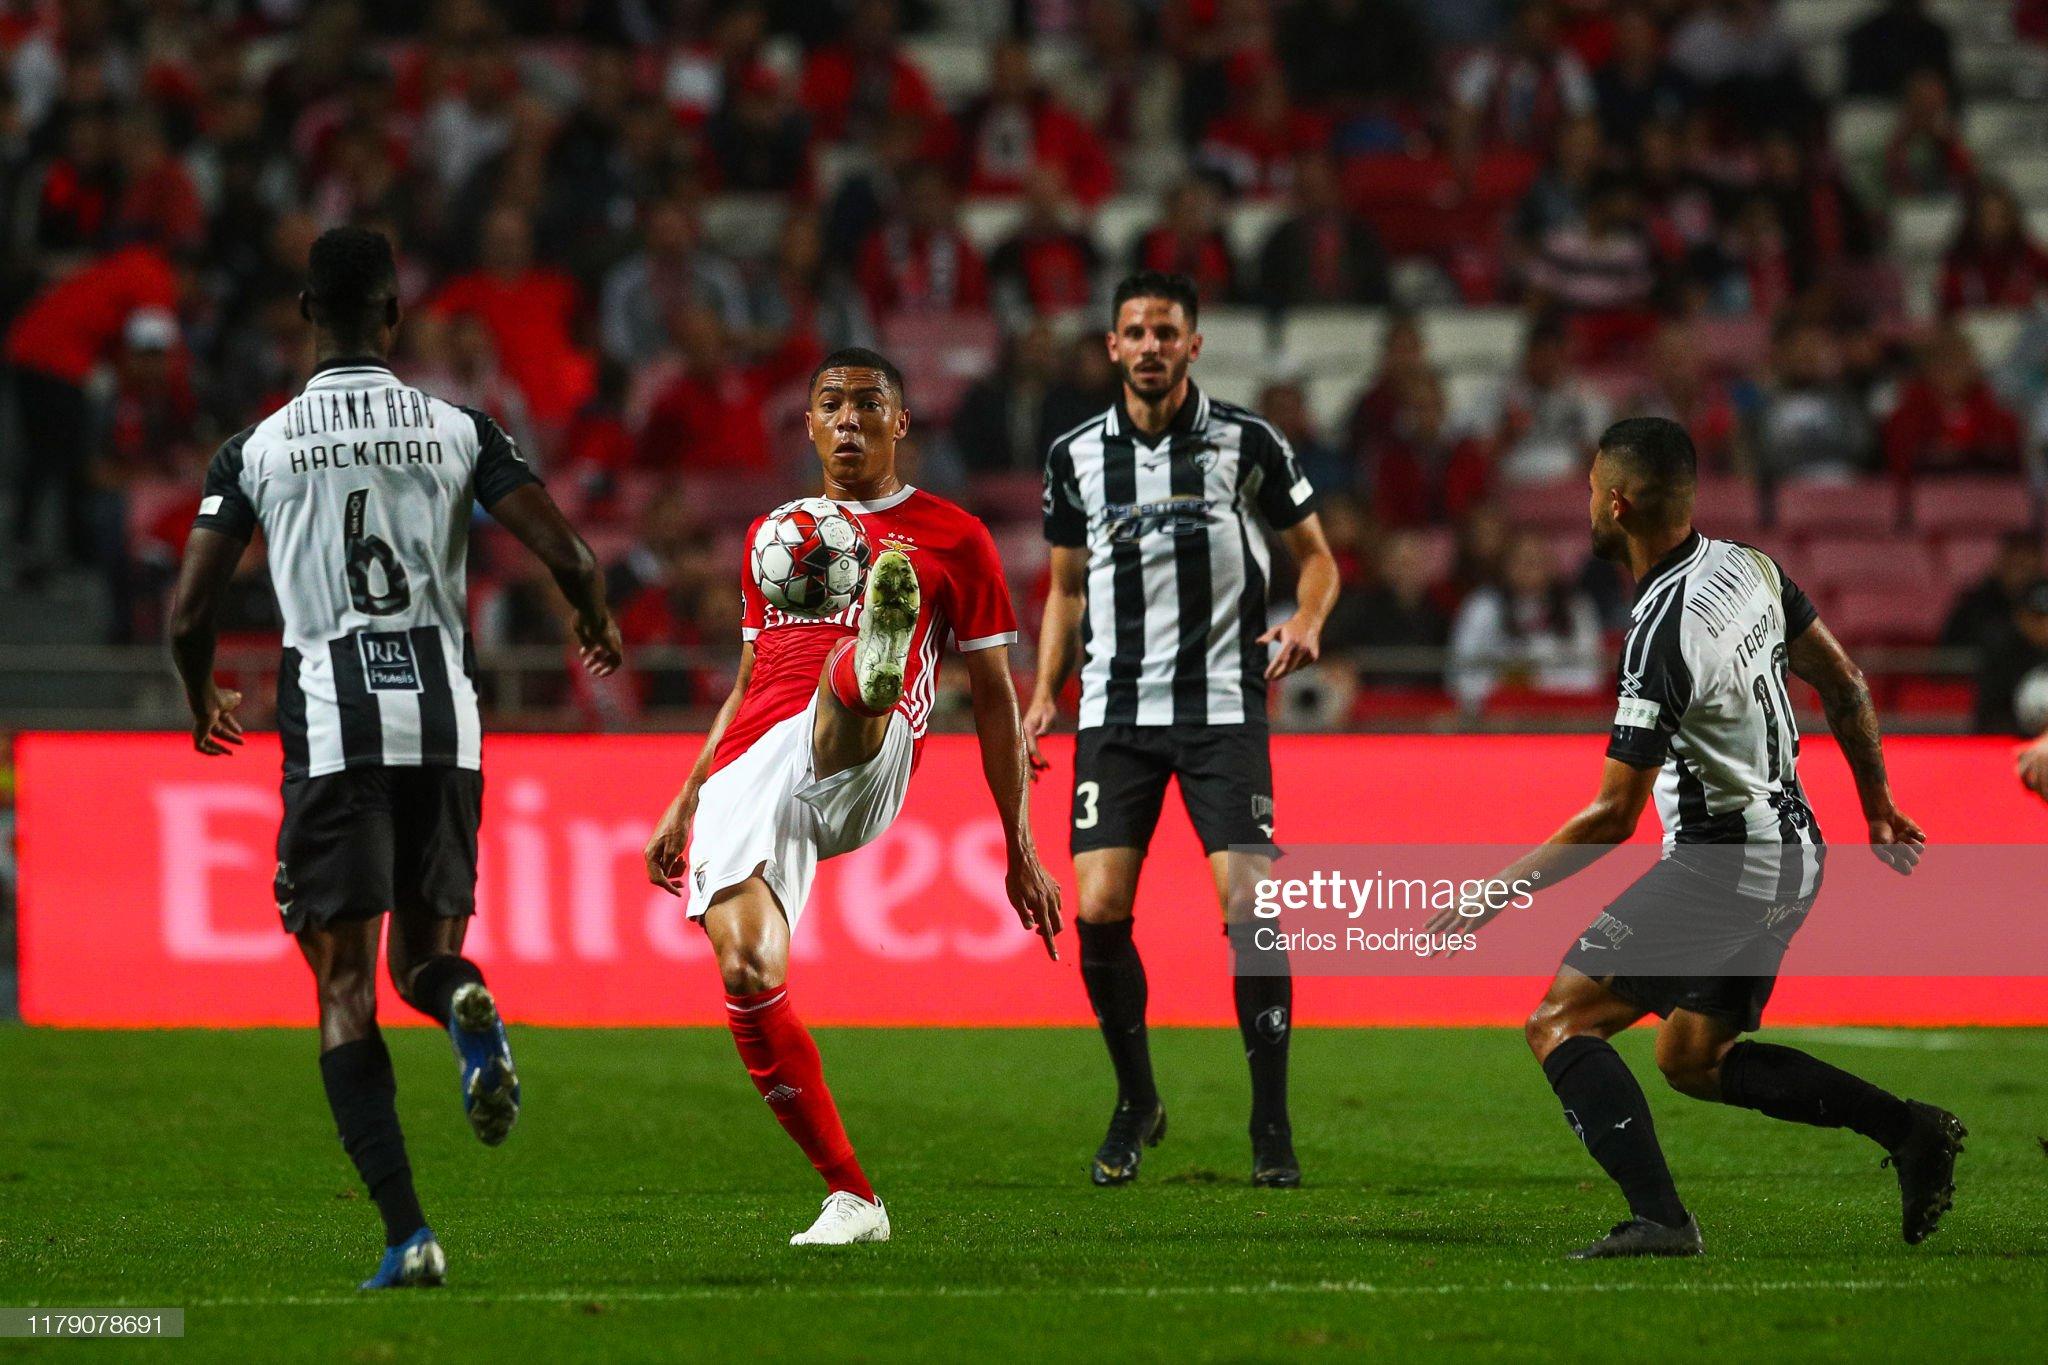 Portimonense vs Benfica v Preview, prediction and odds